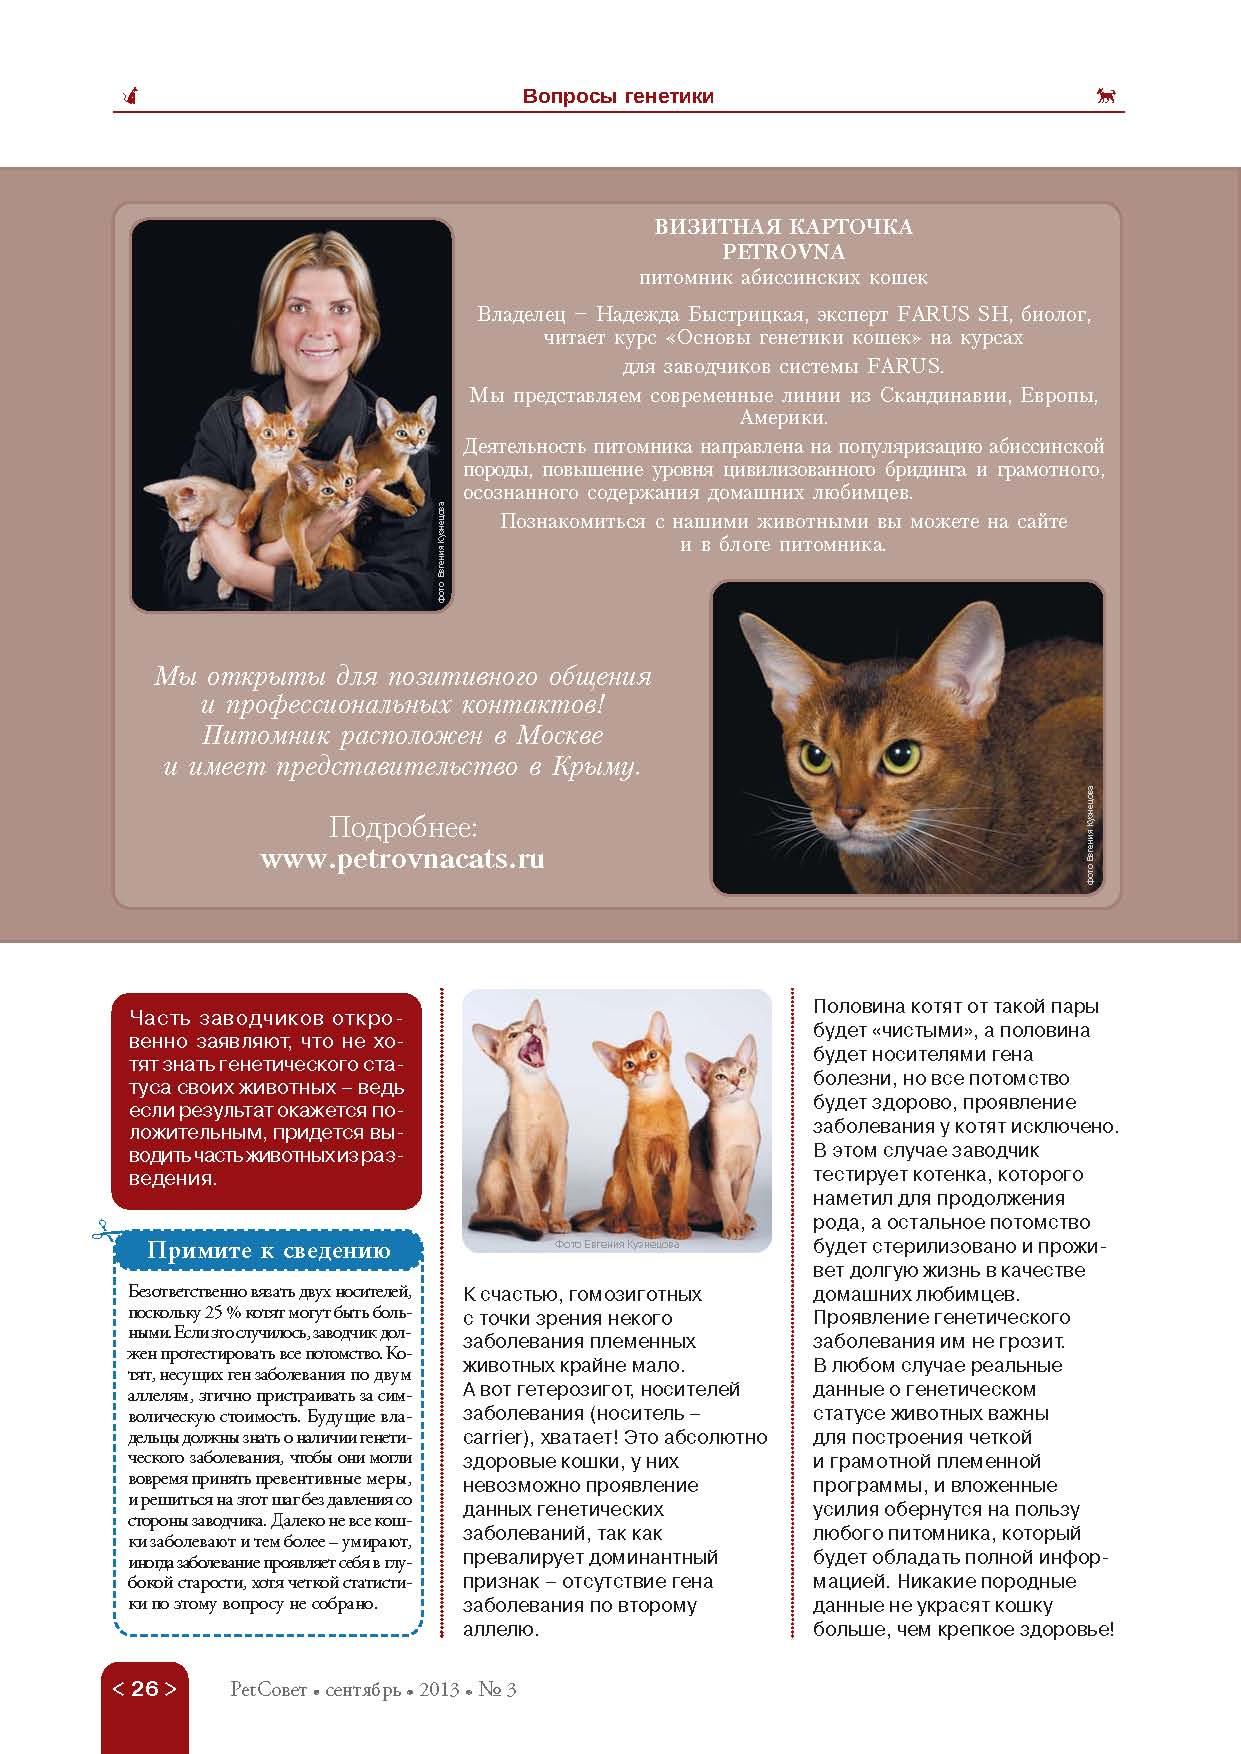 ФИНАЛ_pet_2013_3_Page_26